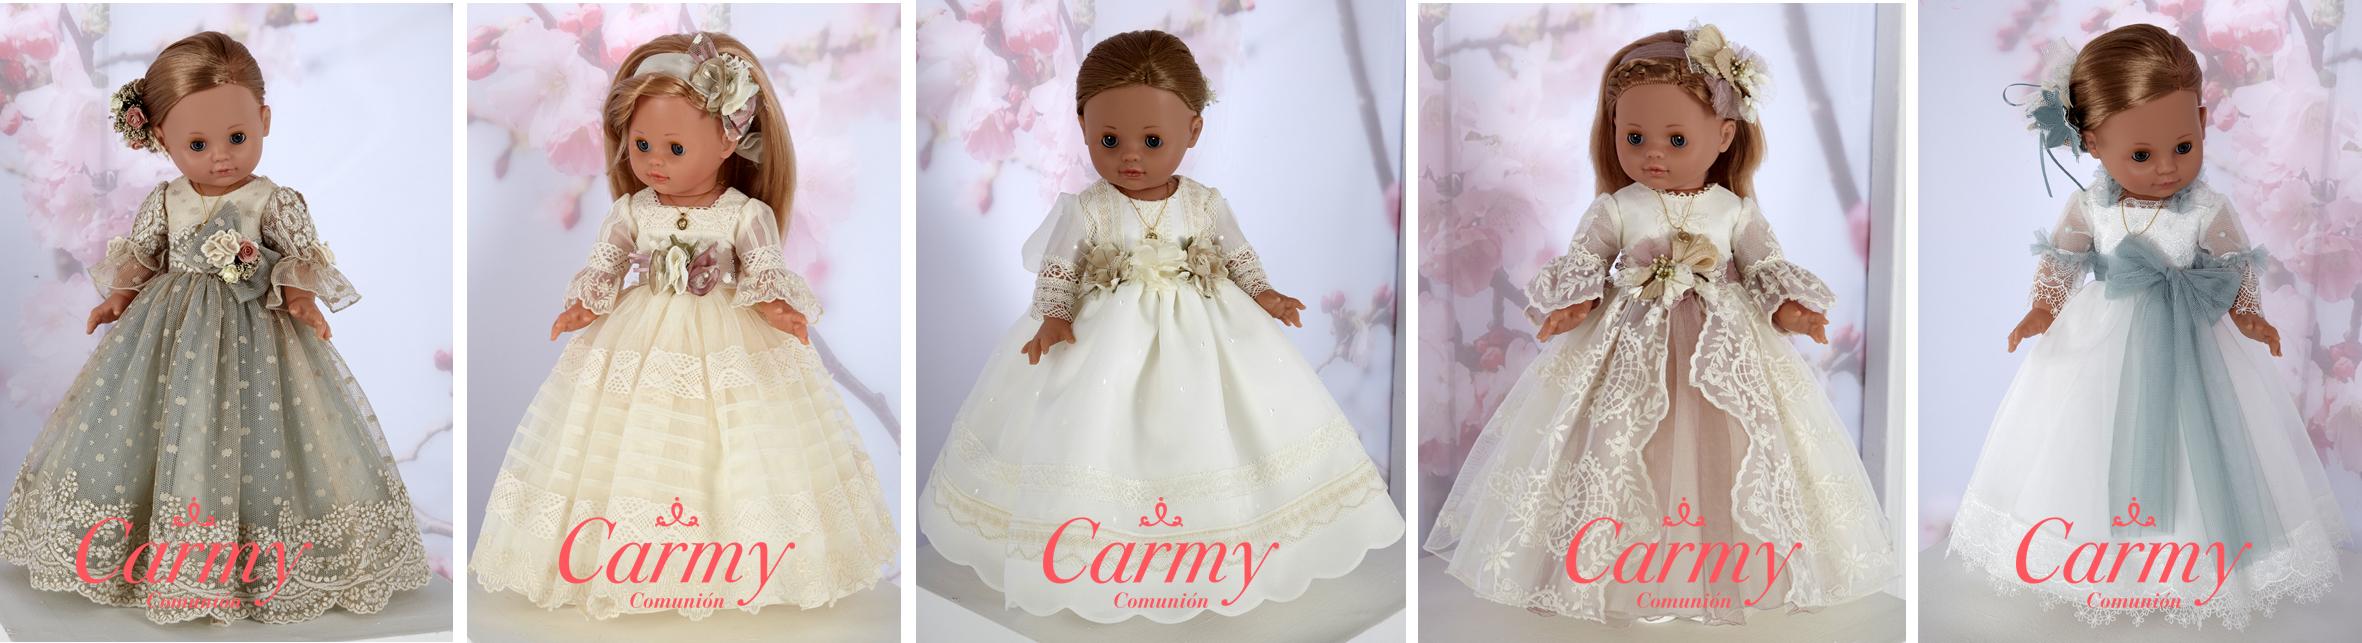 Muñeca de Comunión Carmy